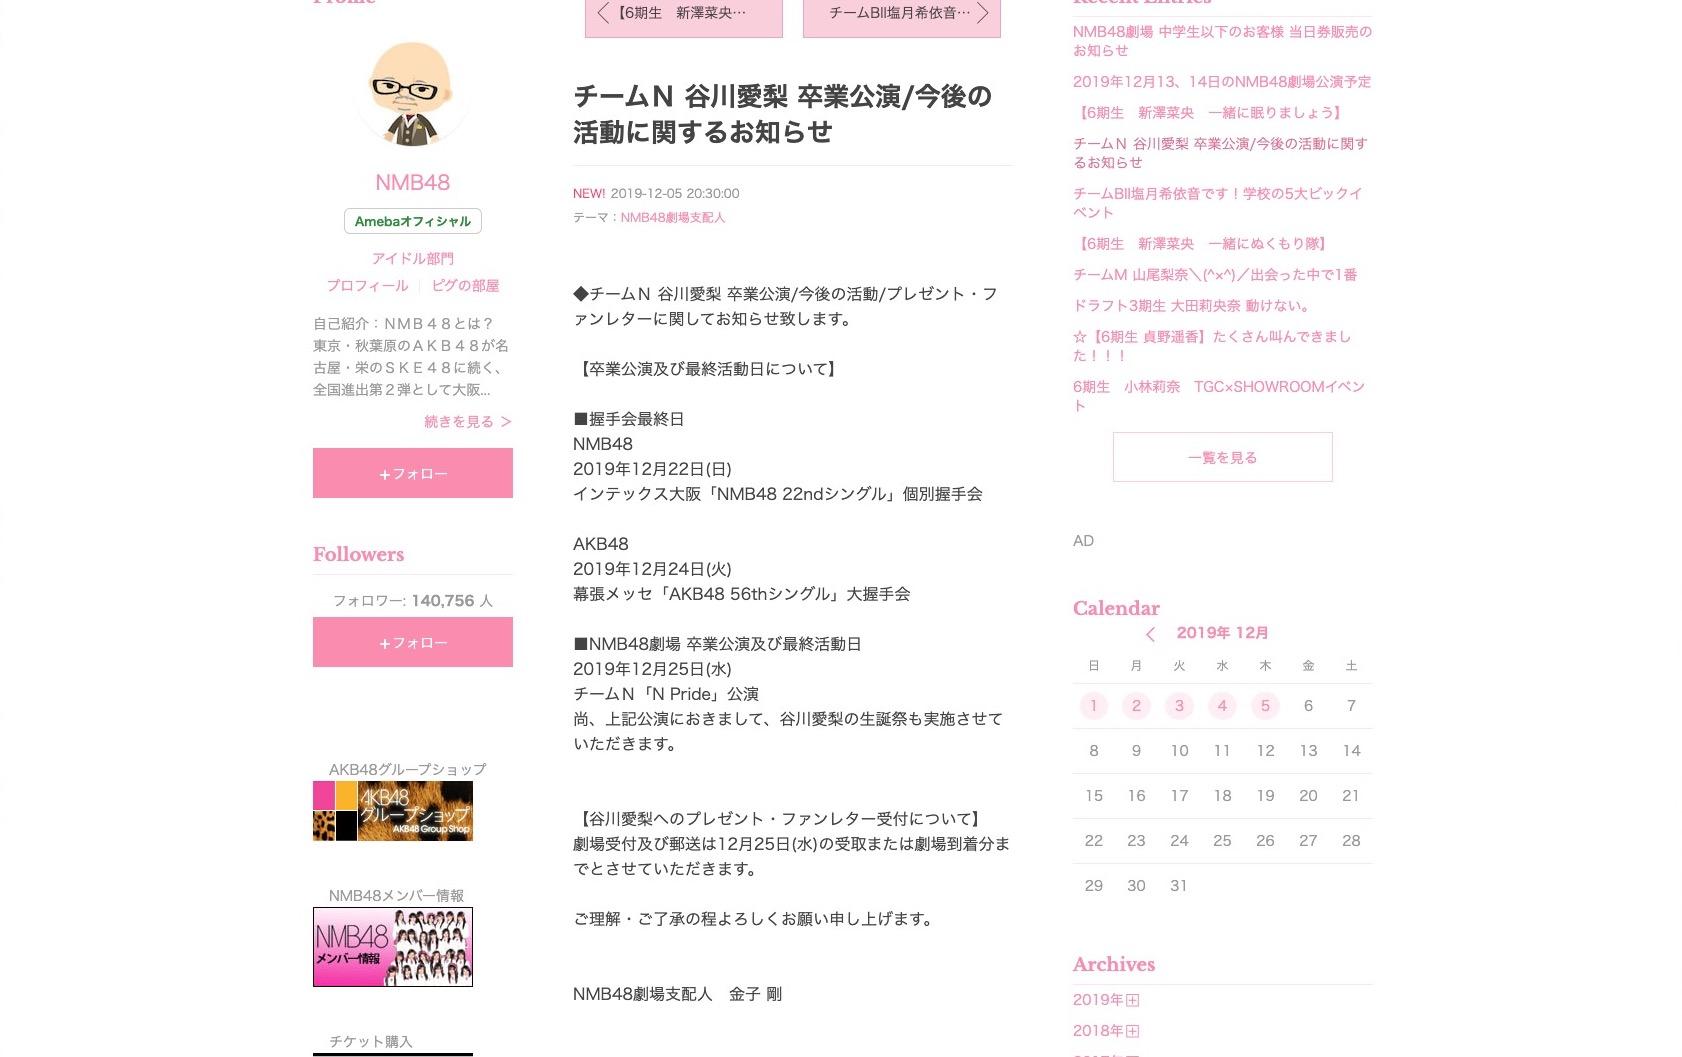 【谷川愛梨】あいりの最終握手会参加日・卒業公演の日程が発表。